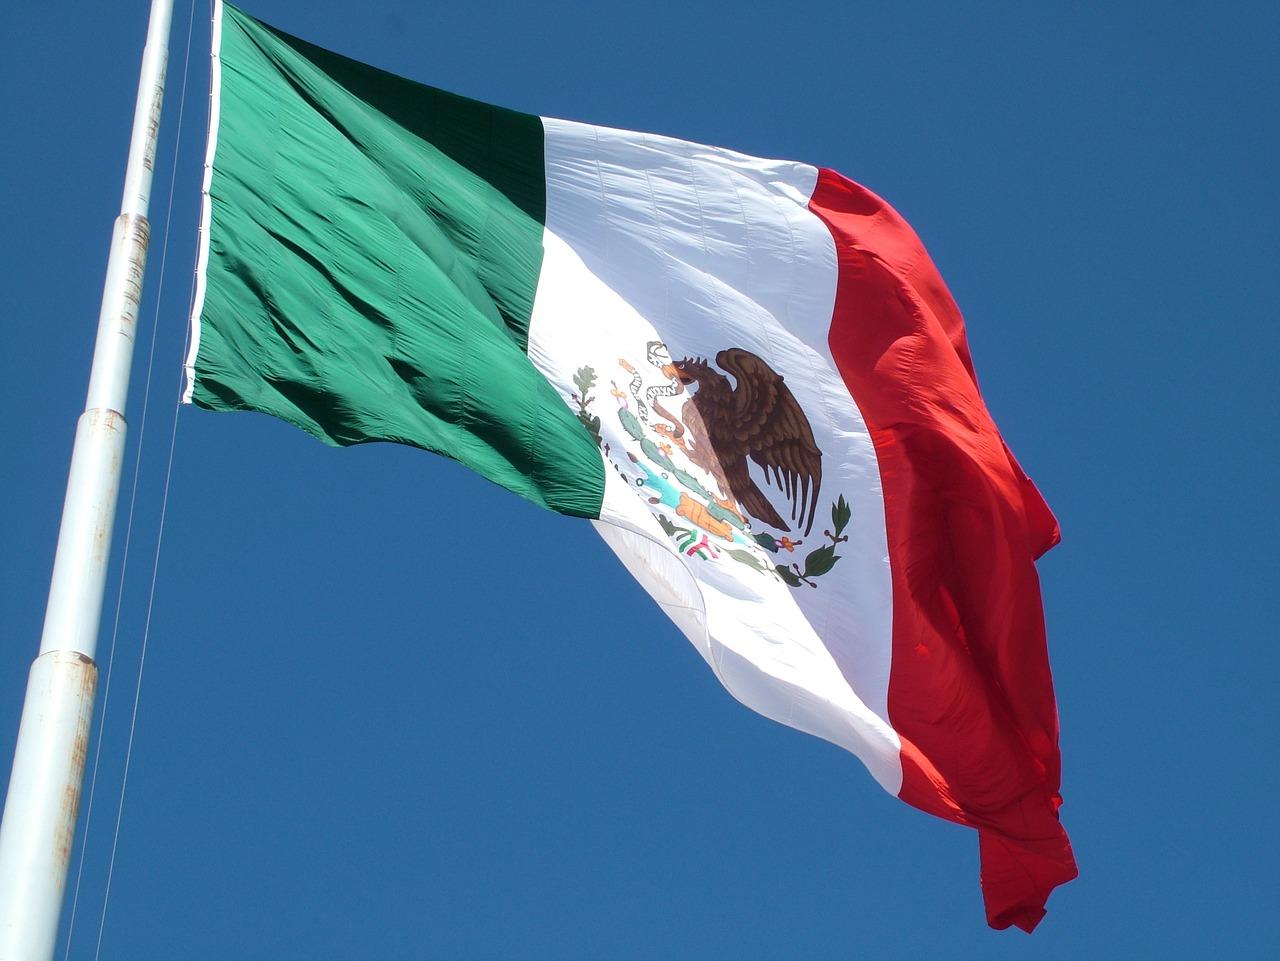 propuestas que mejoren mexico premio 75,000